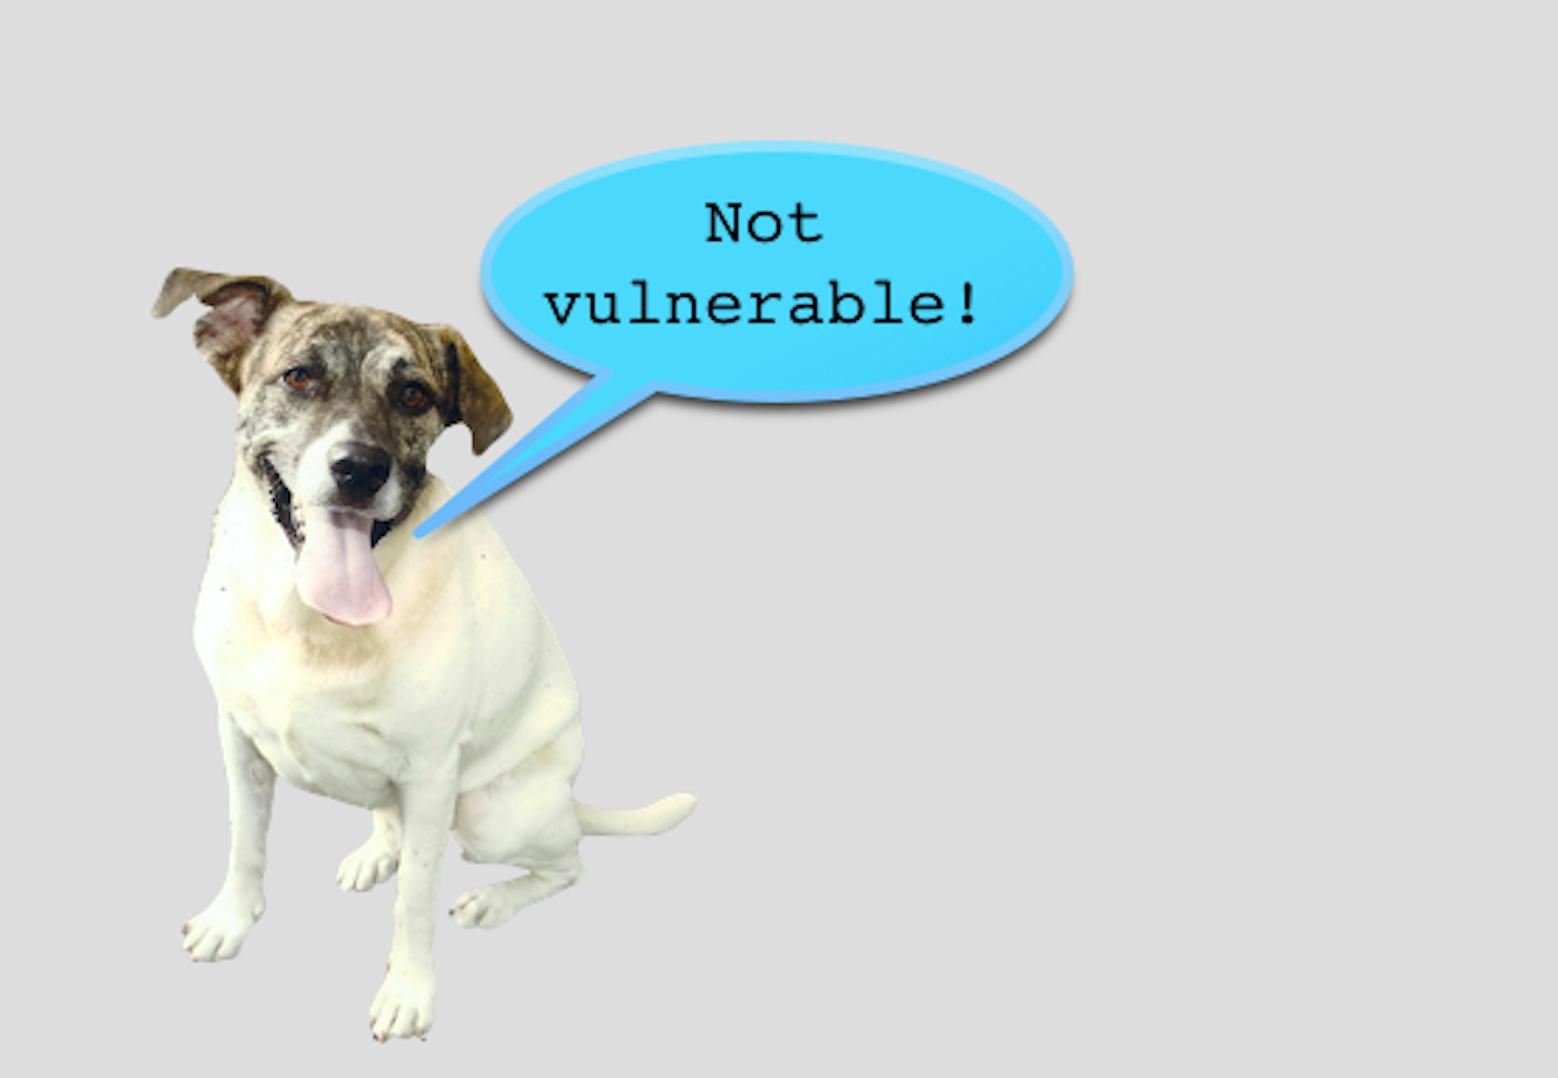 Poodle-Test im Internet: Wenn die Sicherheitssoftware TLS noch nicht geknackt wurde, lächelt der Hund, der kein Pudel ist.